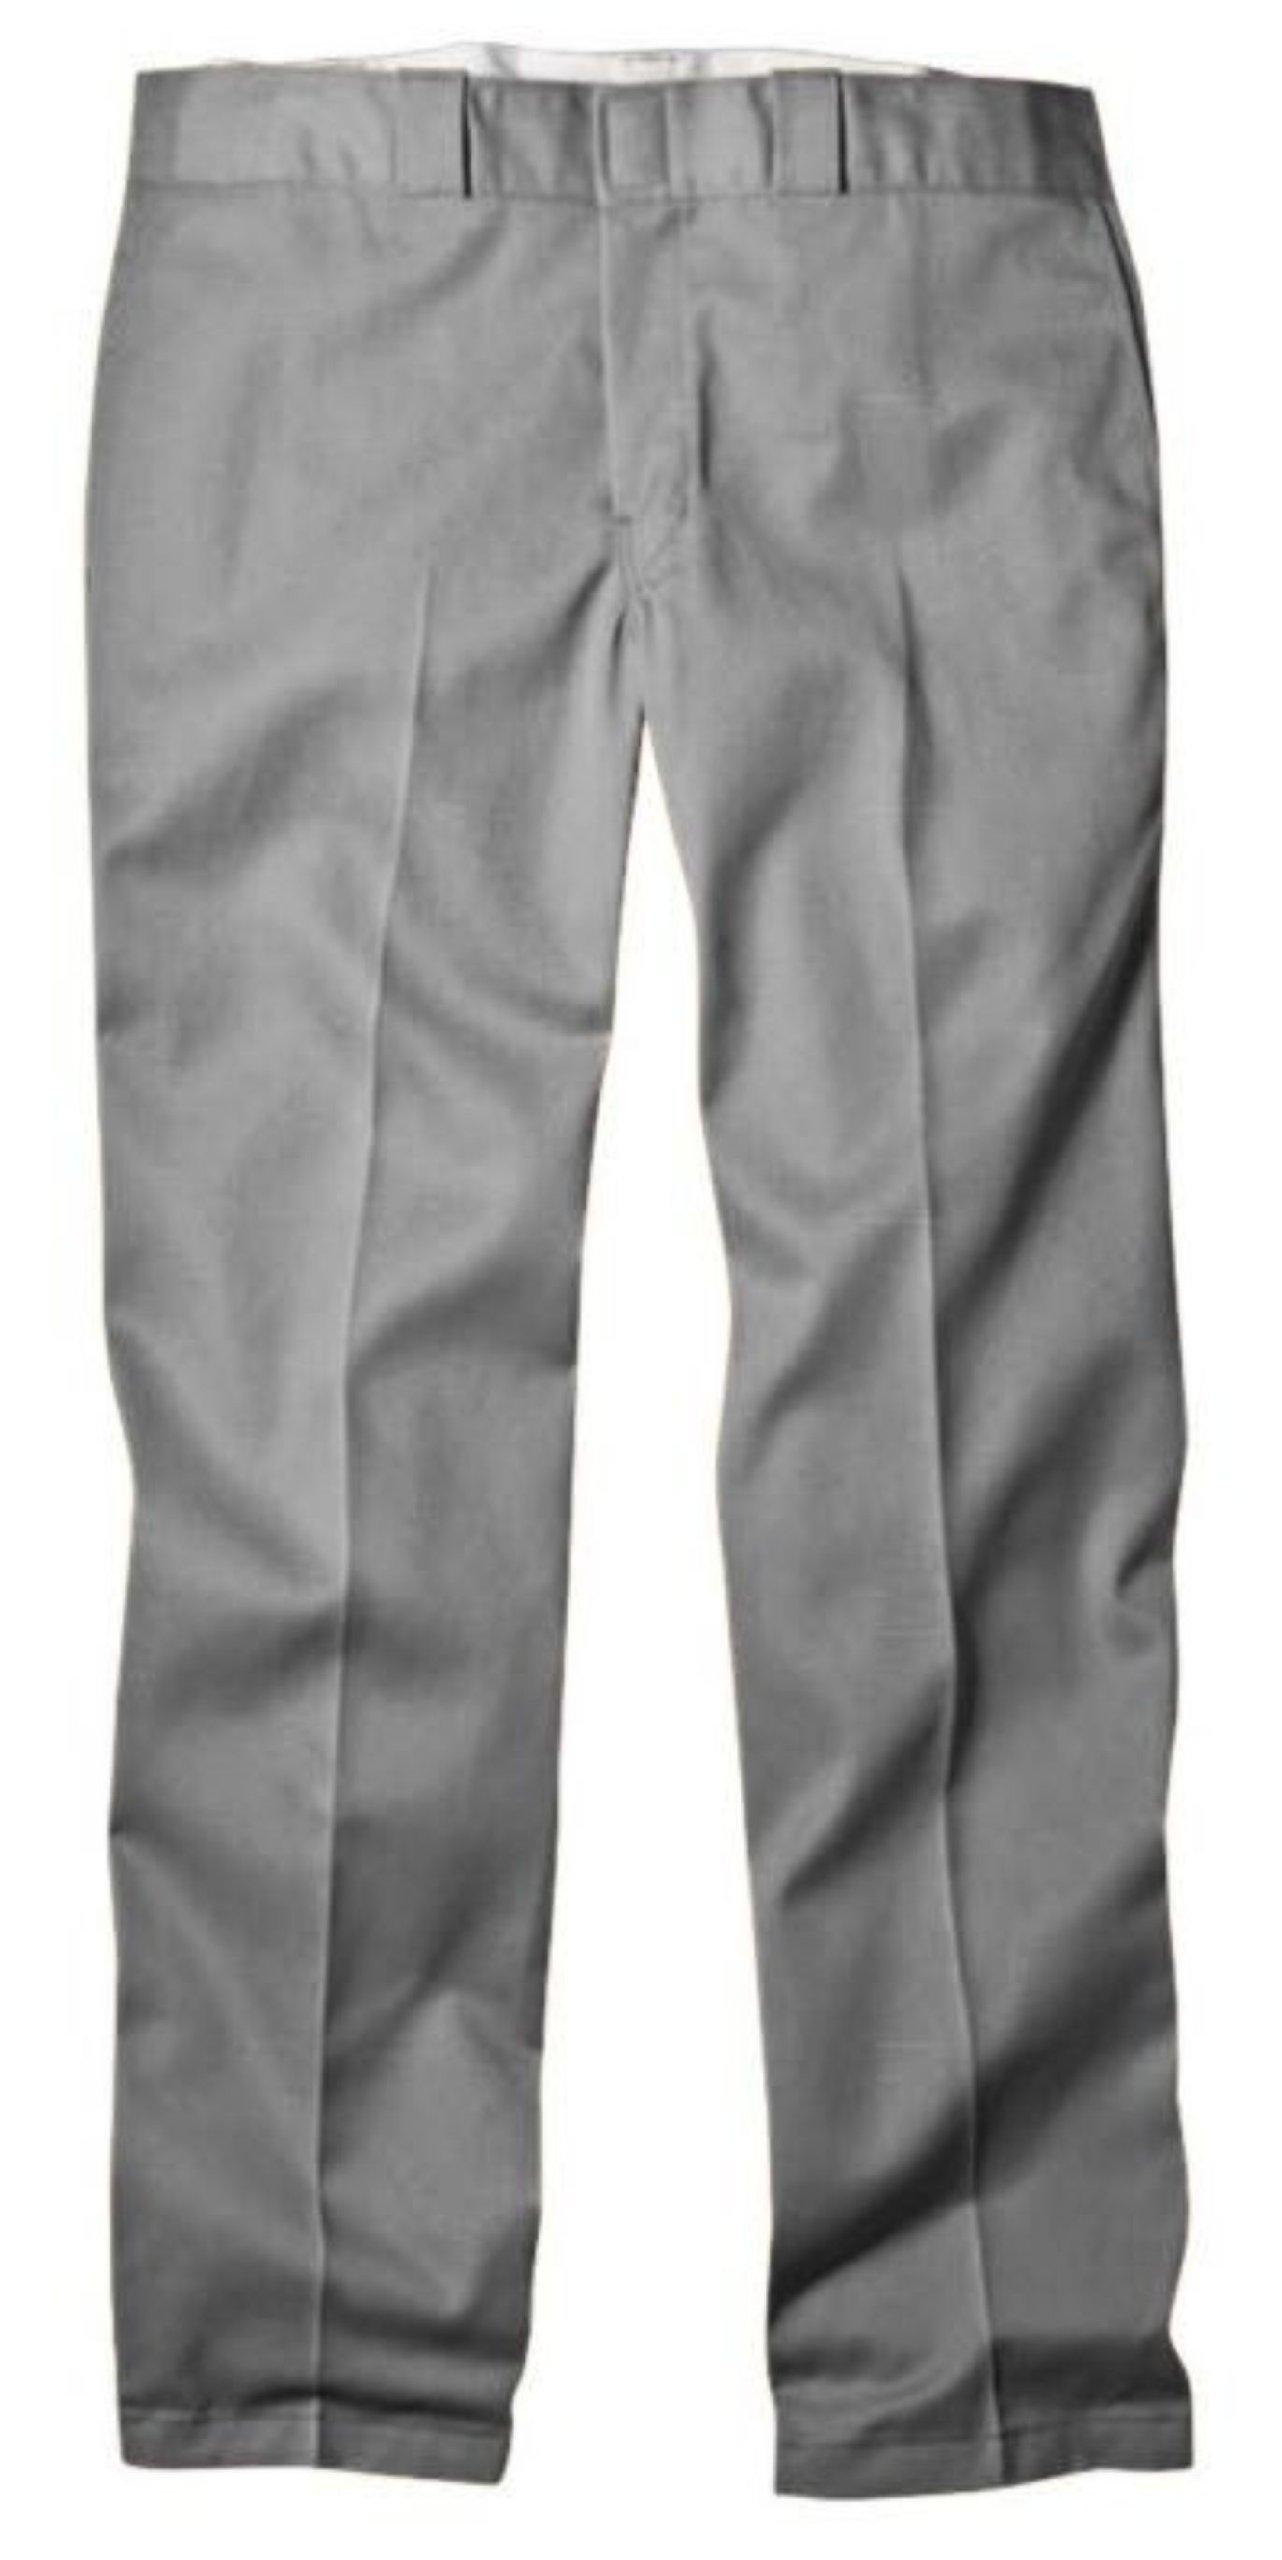 Dickies Men's Original 874 Work Pant Silver 32W x 32L